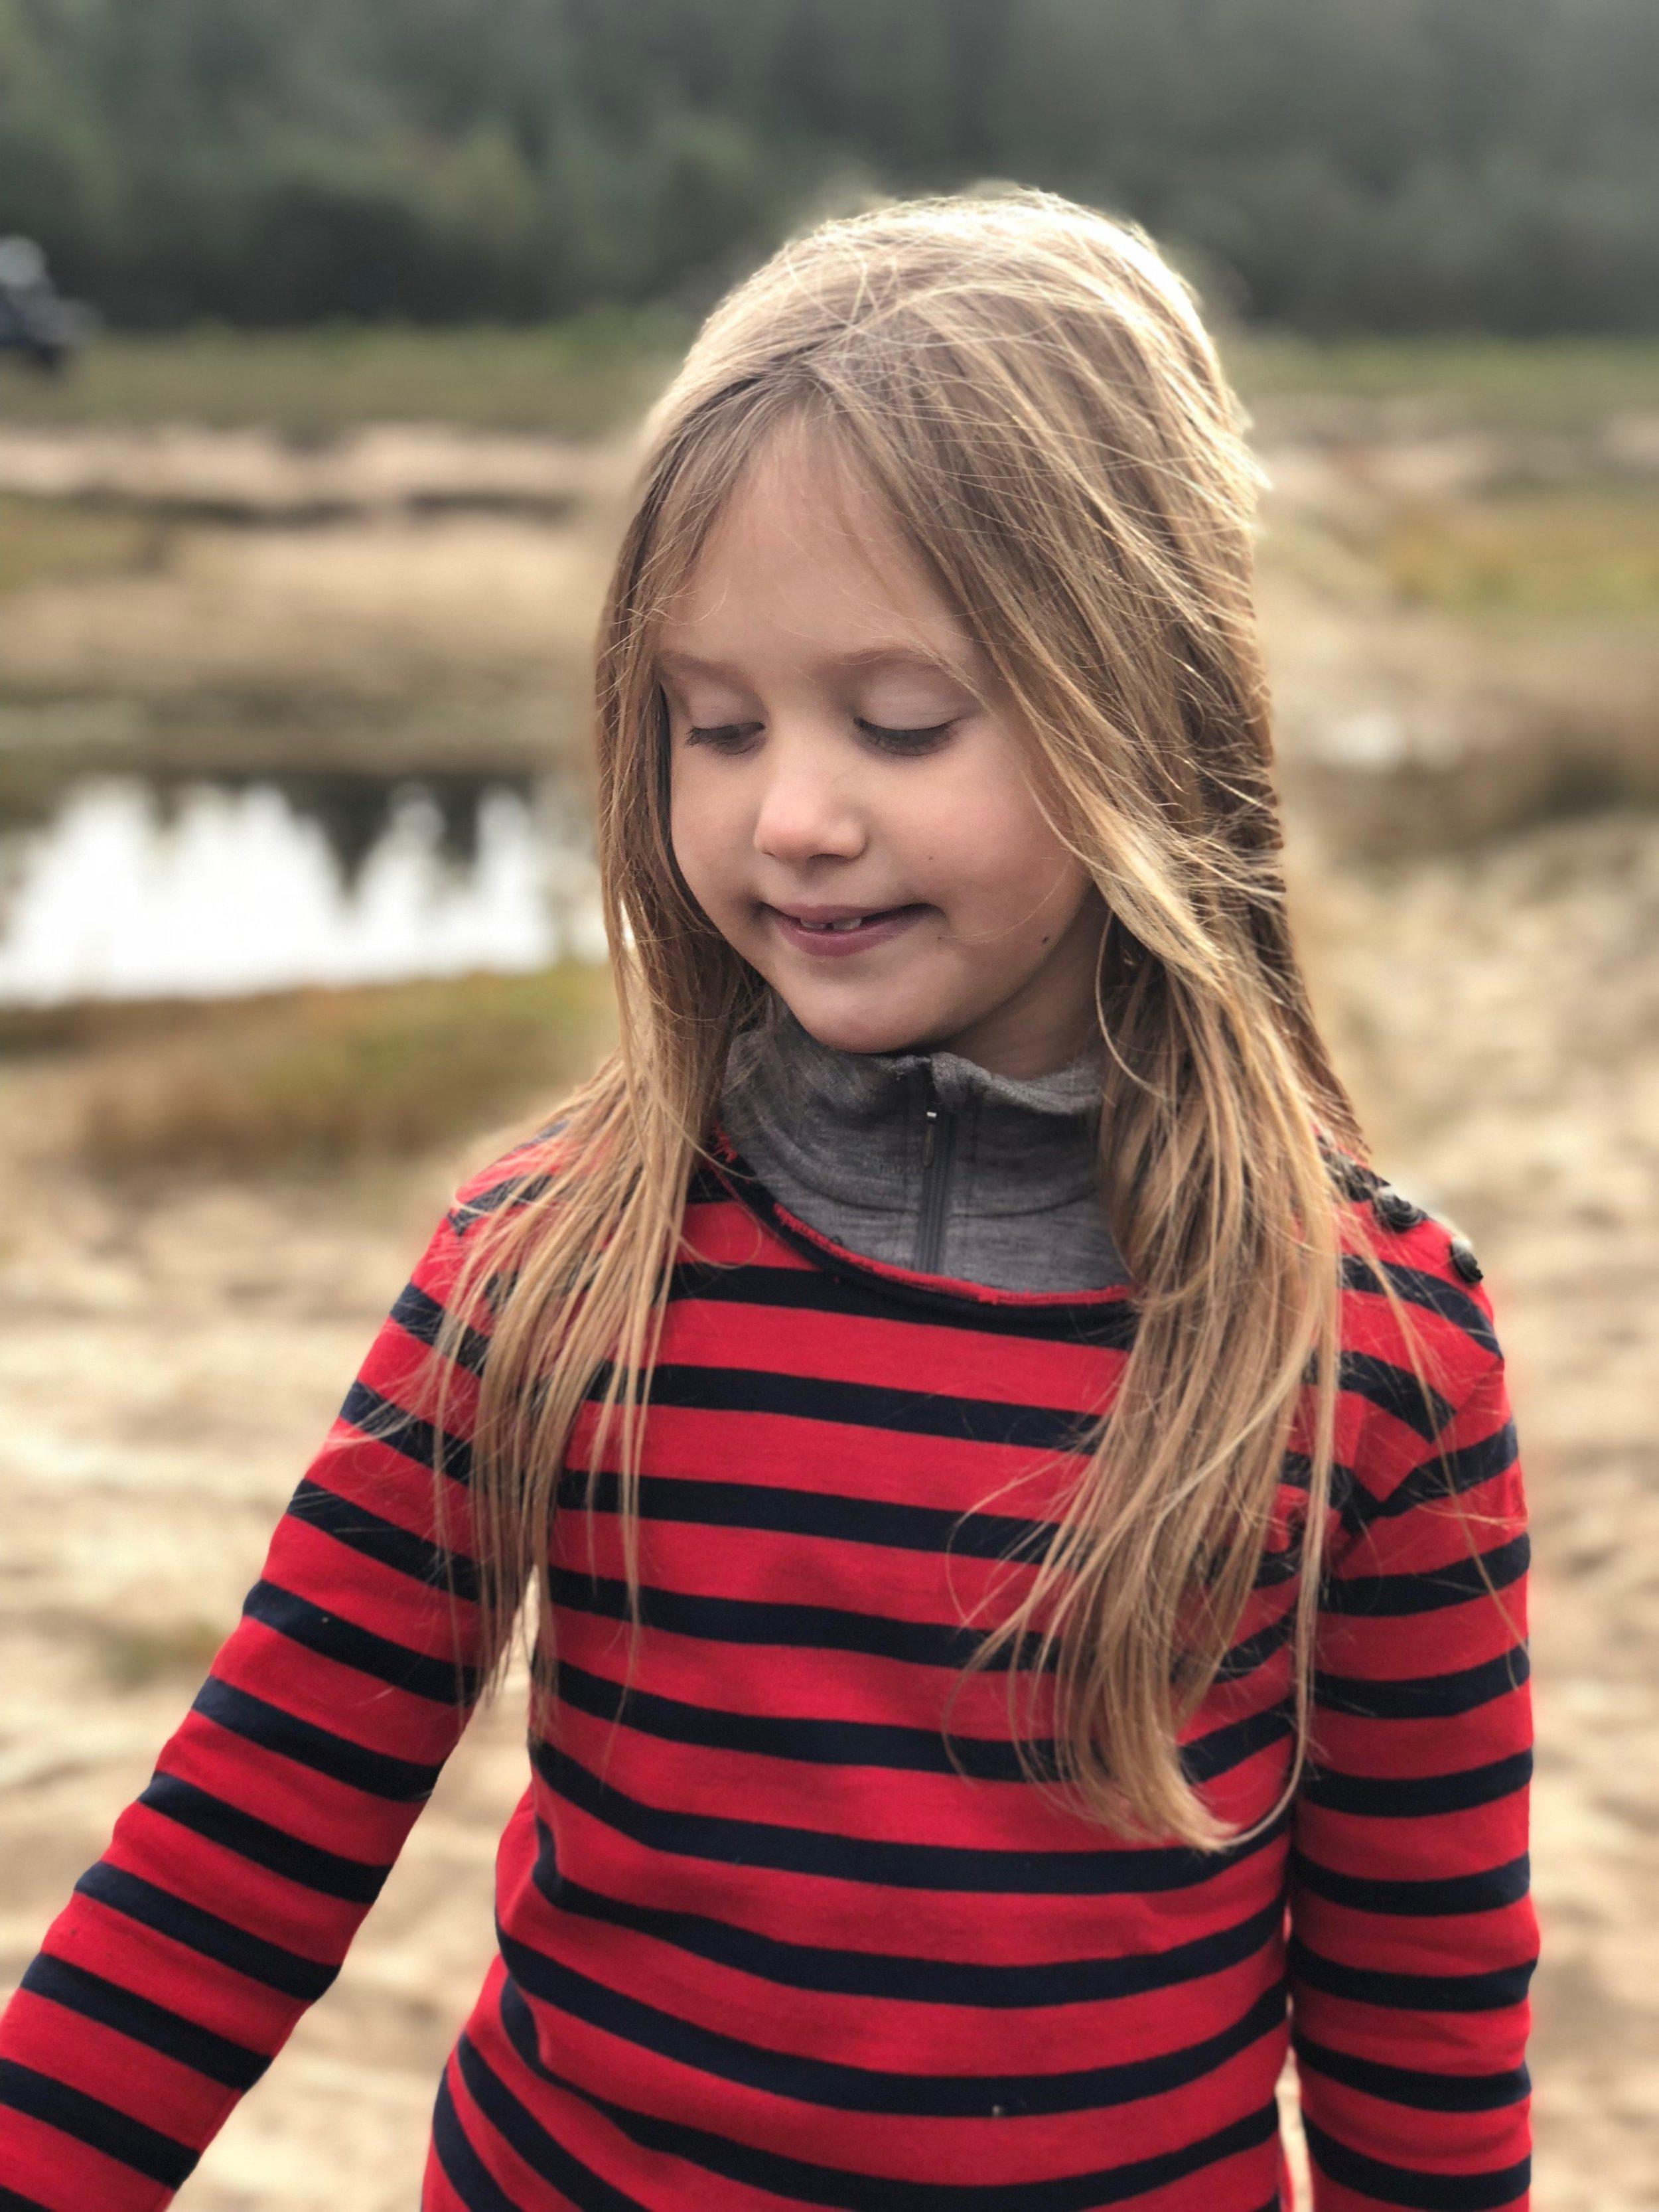 Prinzessin Josephine von Dänemark verbringt ihre Freizeit gerne draußen. Sie reitet gerne auf Ponys.  © H.K.H. Kronprinsessen